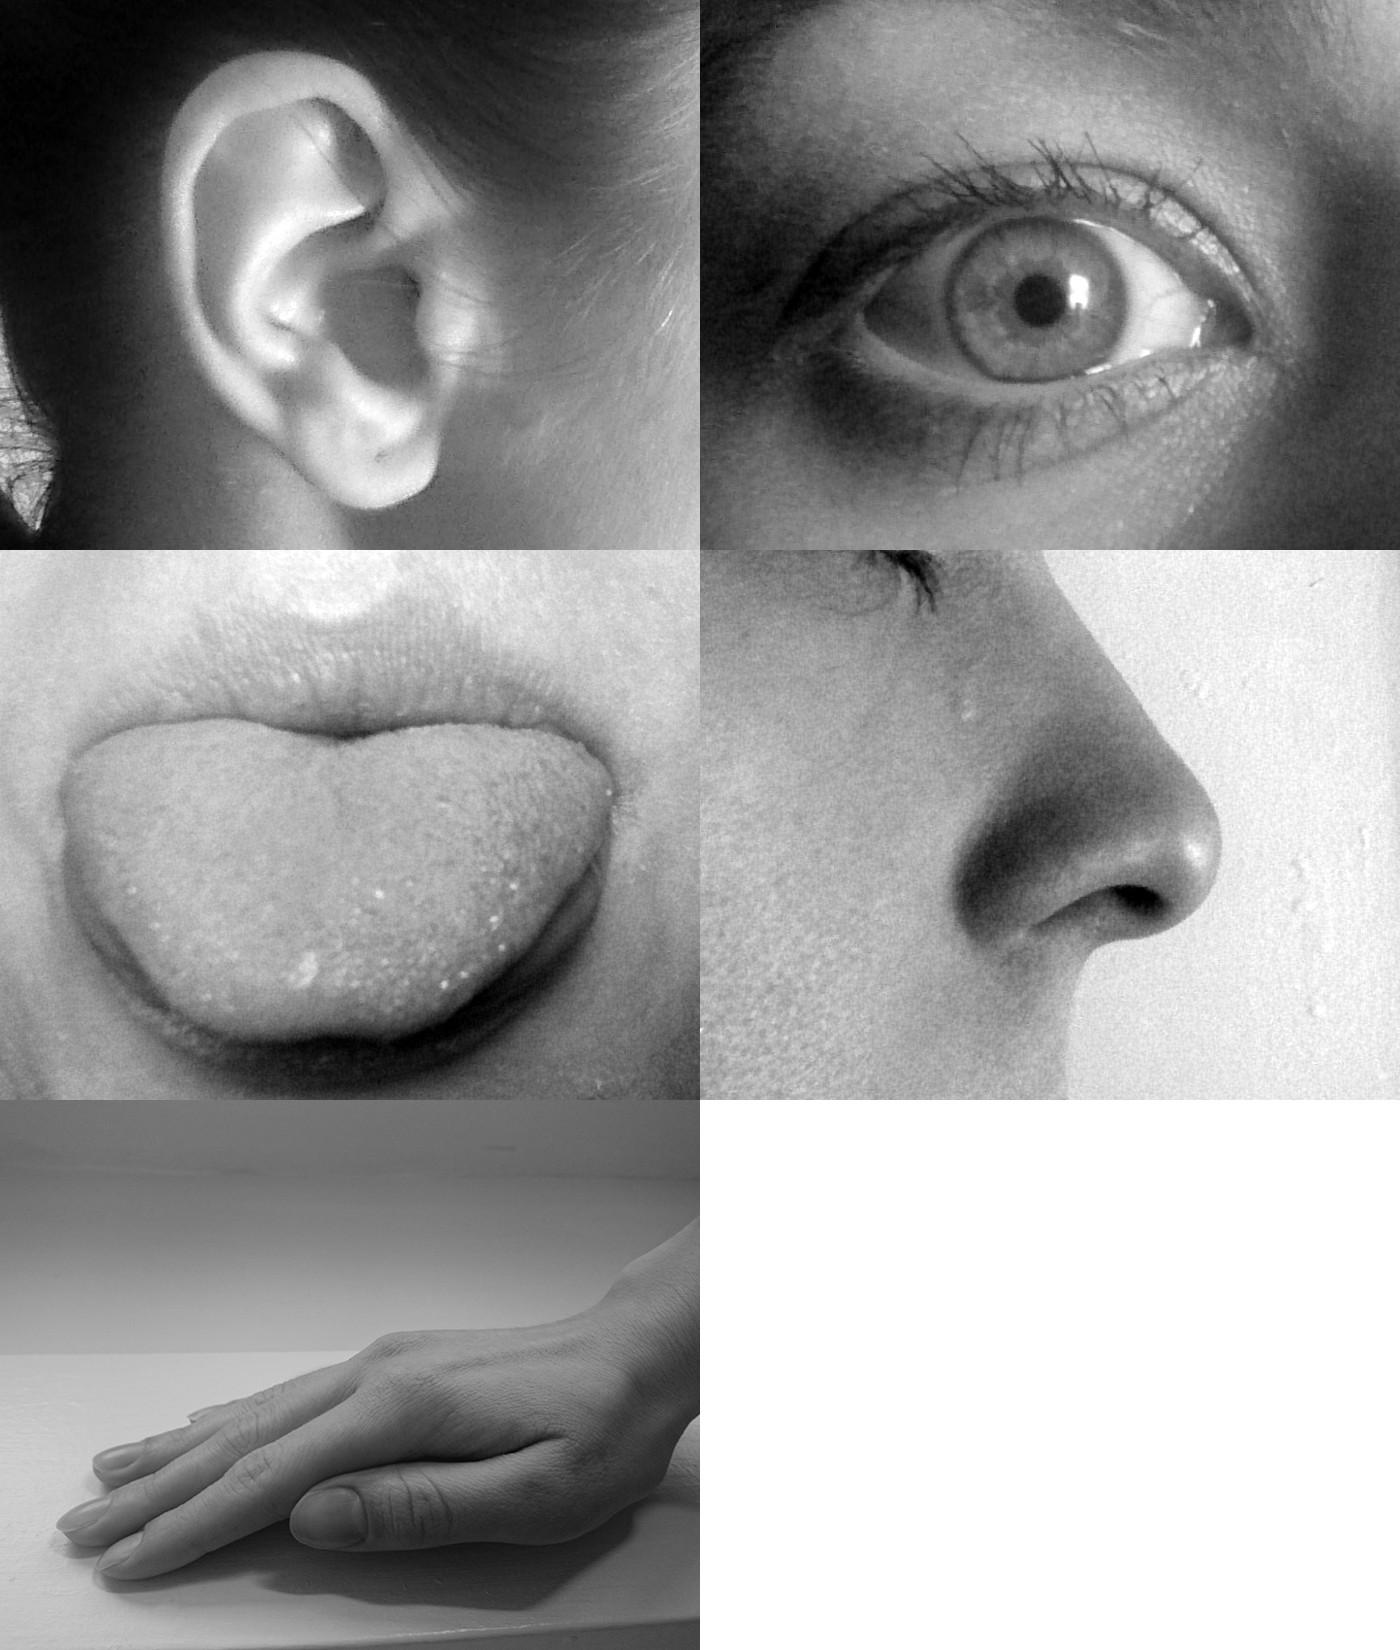 Los 5 sentidos y la brujería